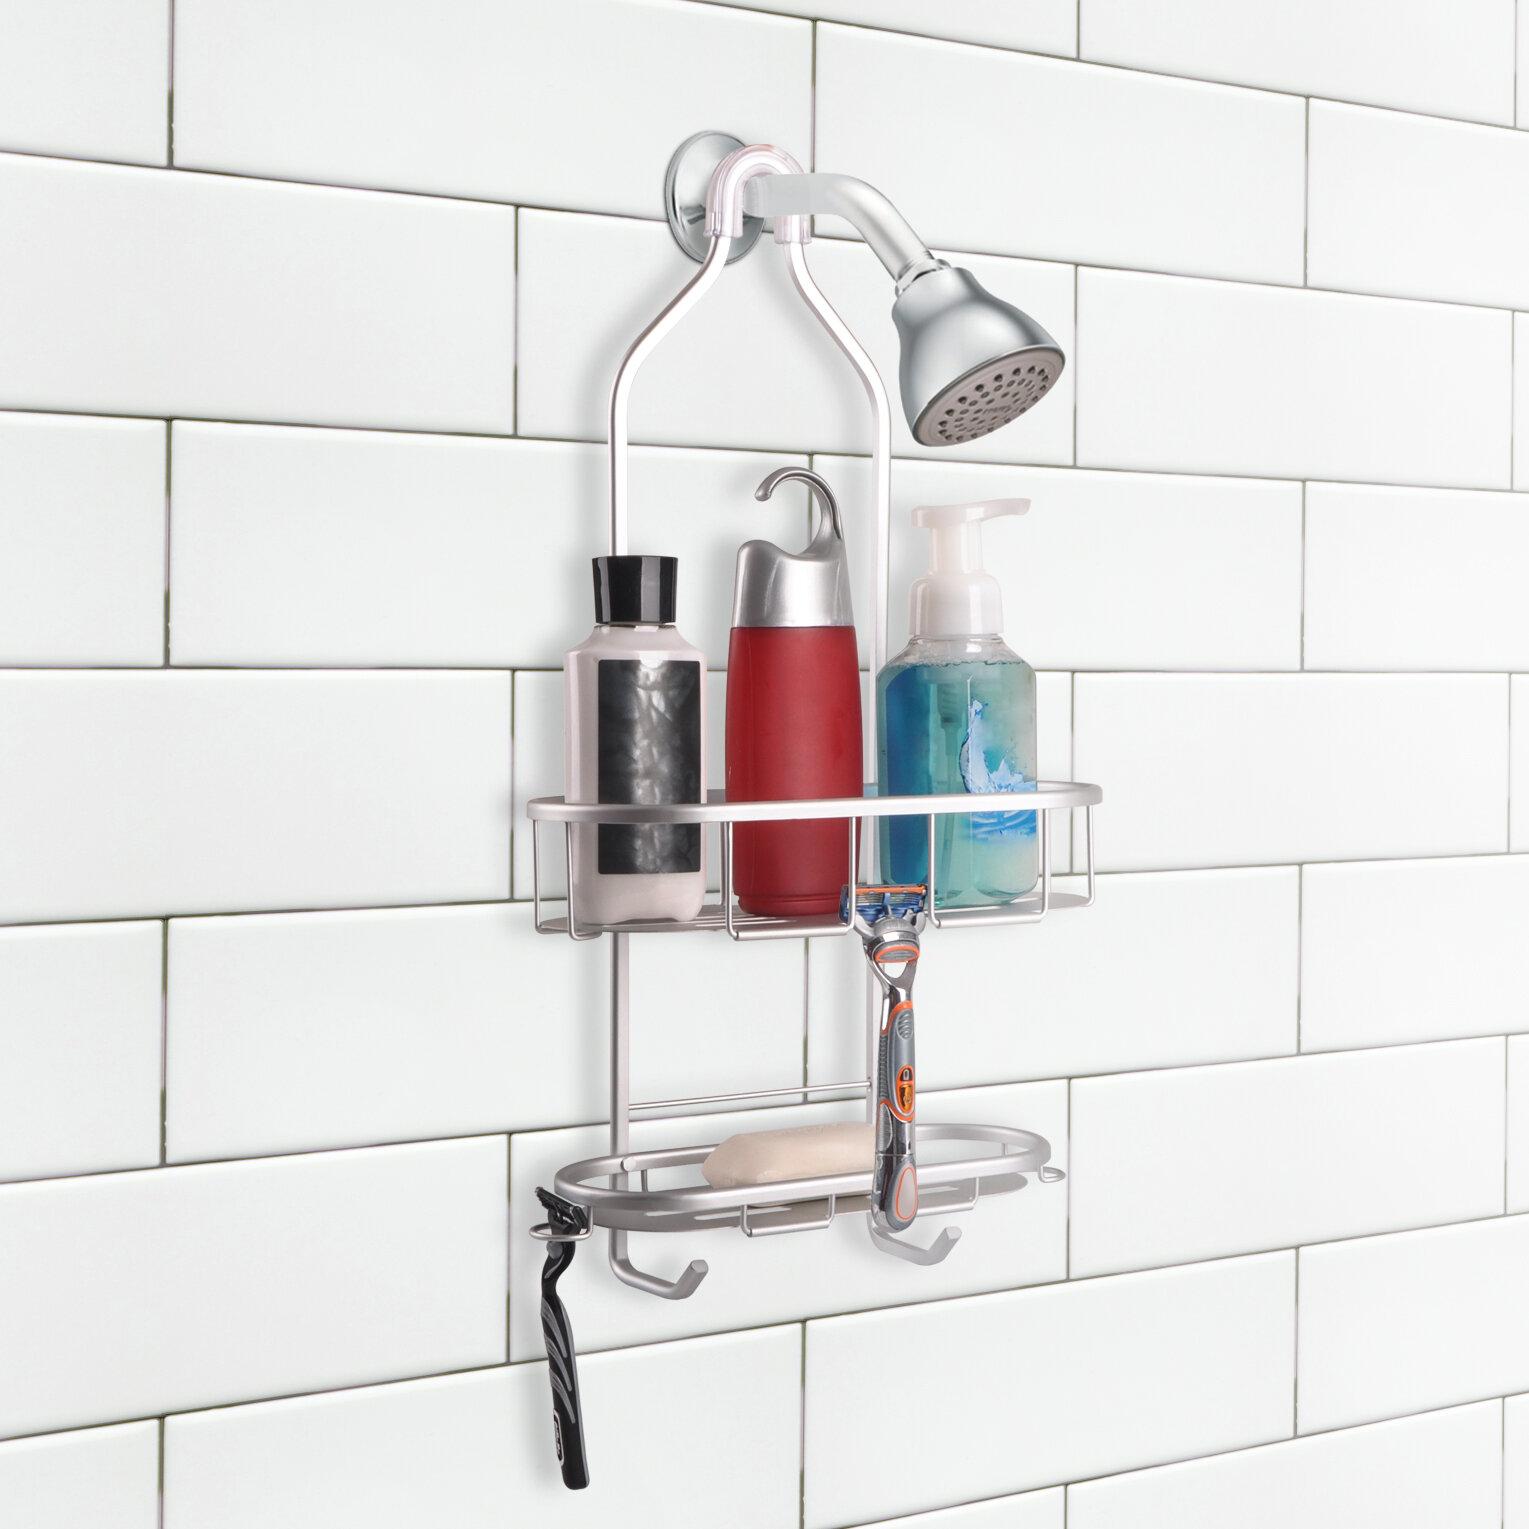 UtopiaAlley 2 Shelf Rustproof Shower Caddy | Wayfair